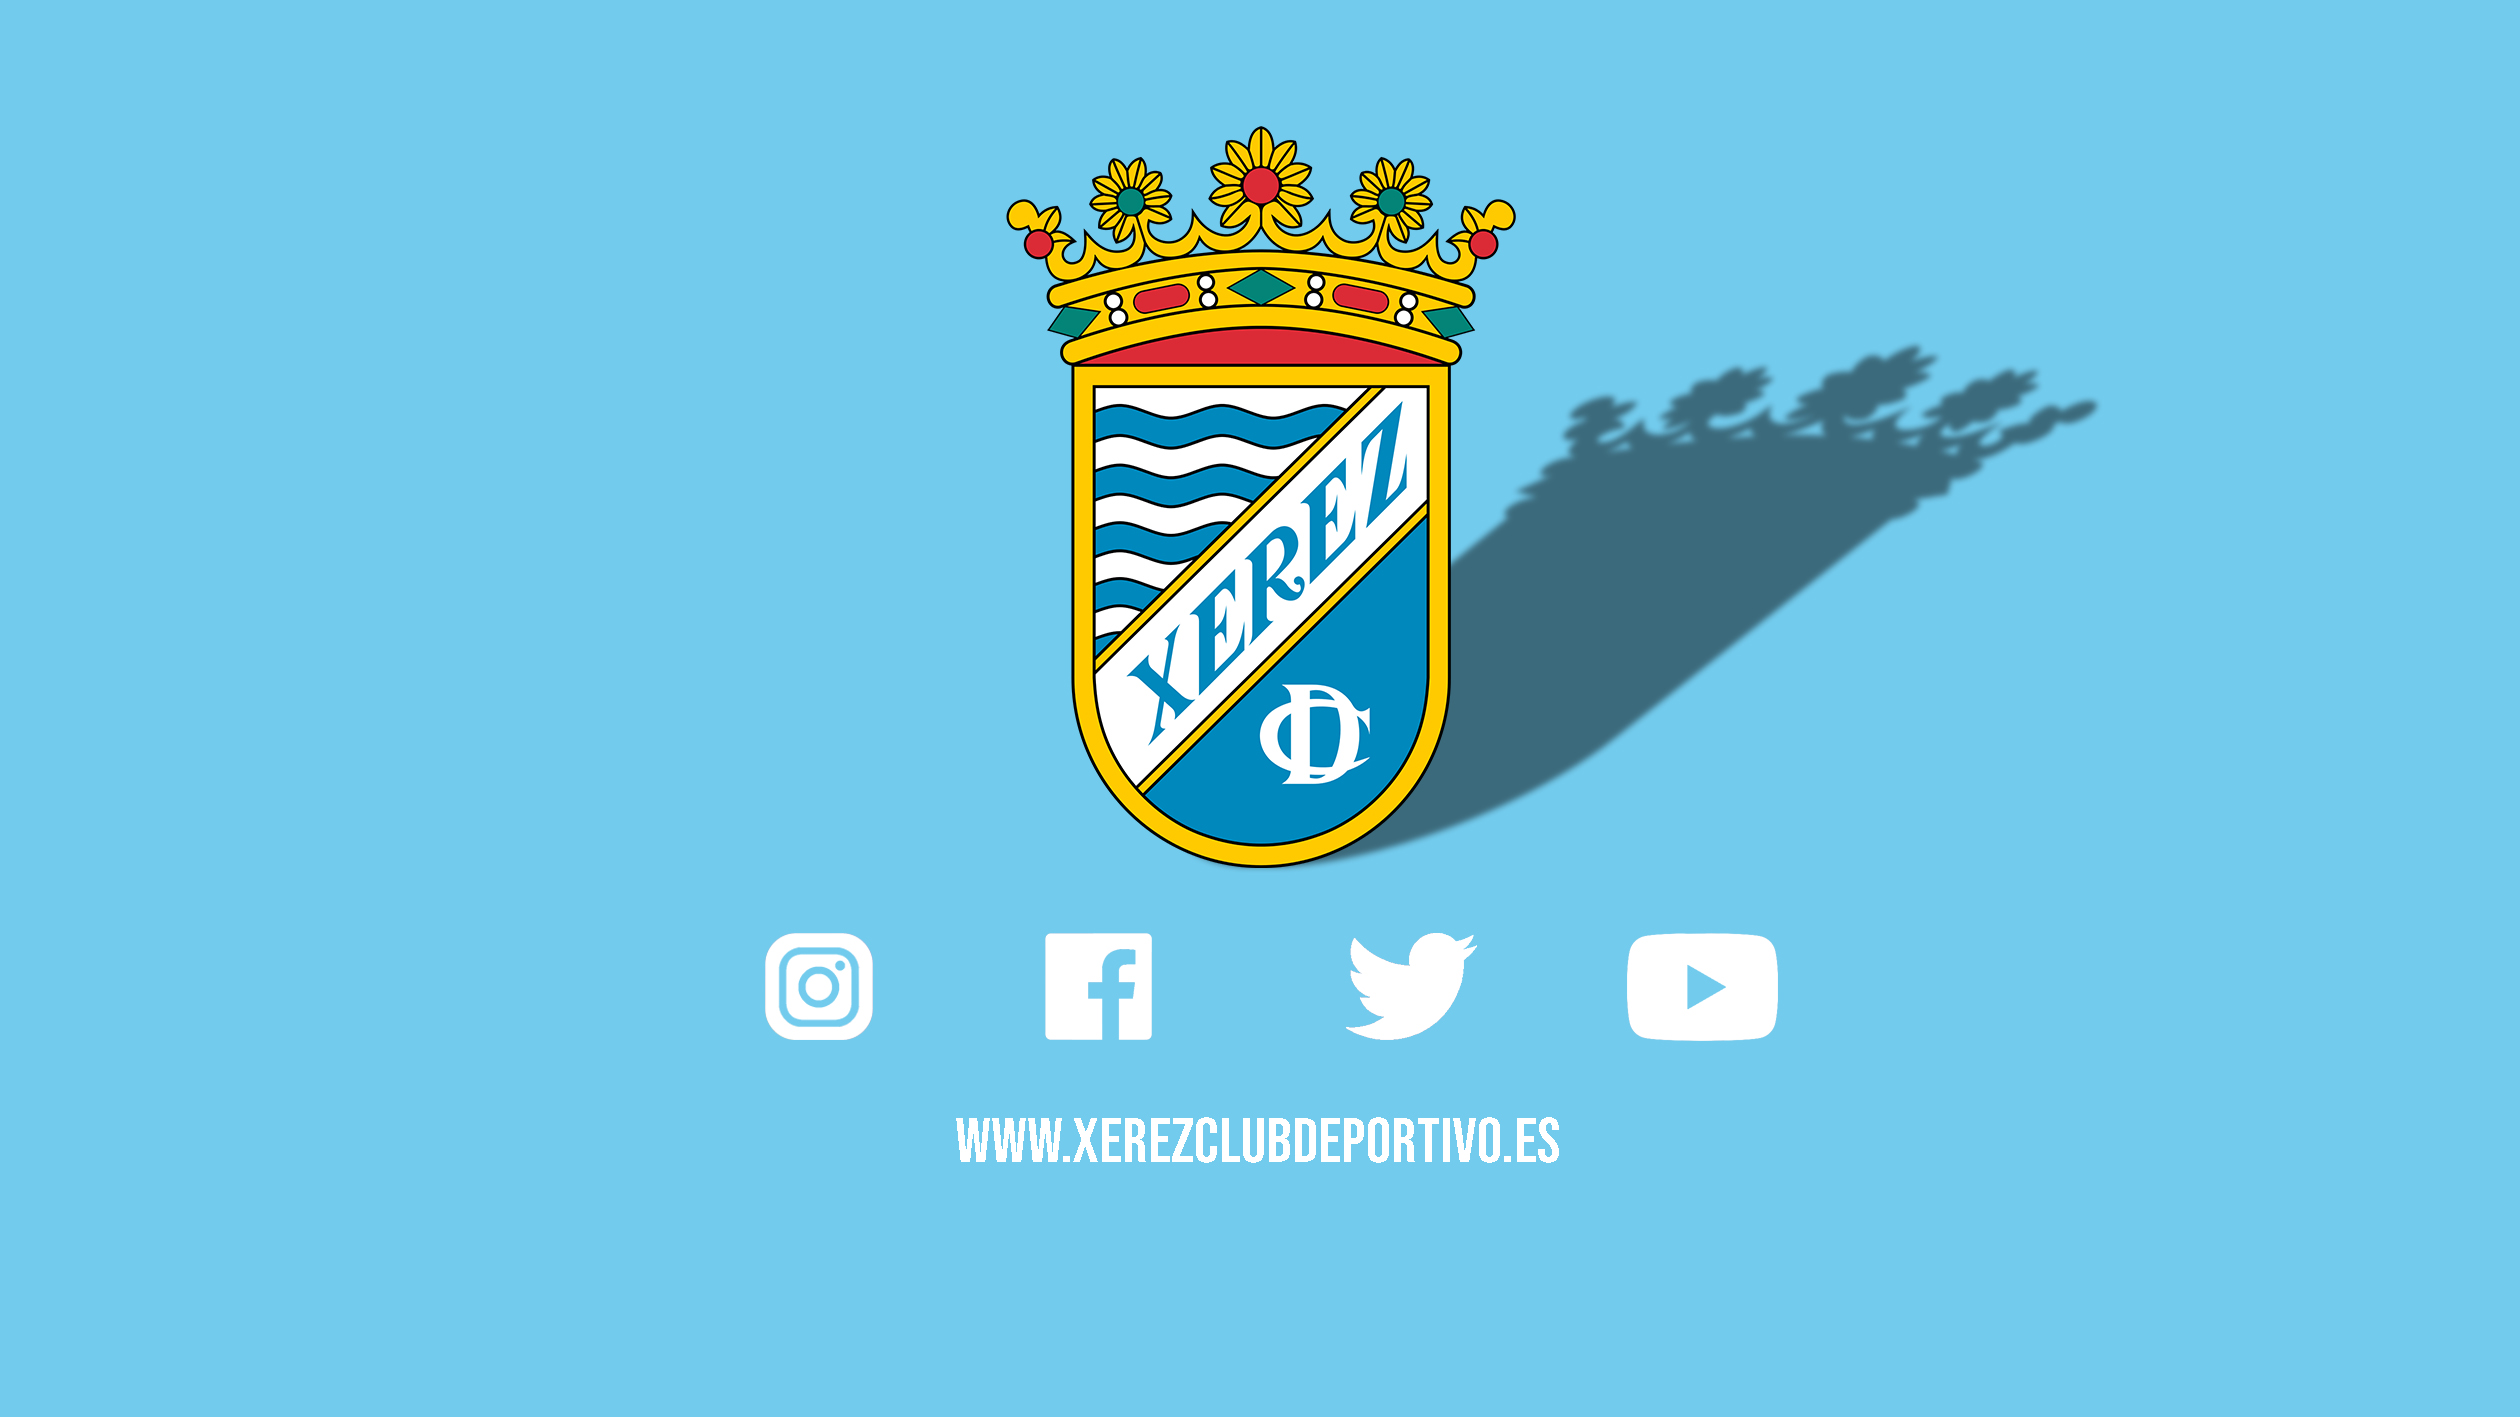 http://www.xerezclubdeportivo.es/wp-content/uploads/2019/08/XEREZ-CD-SAD.jpg